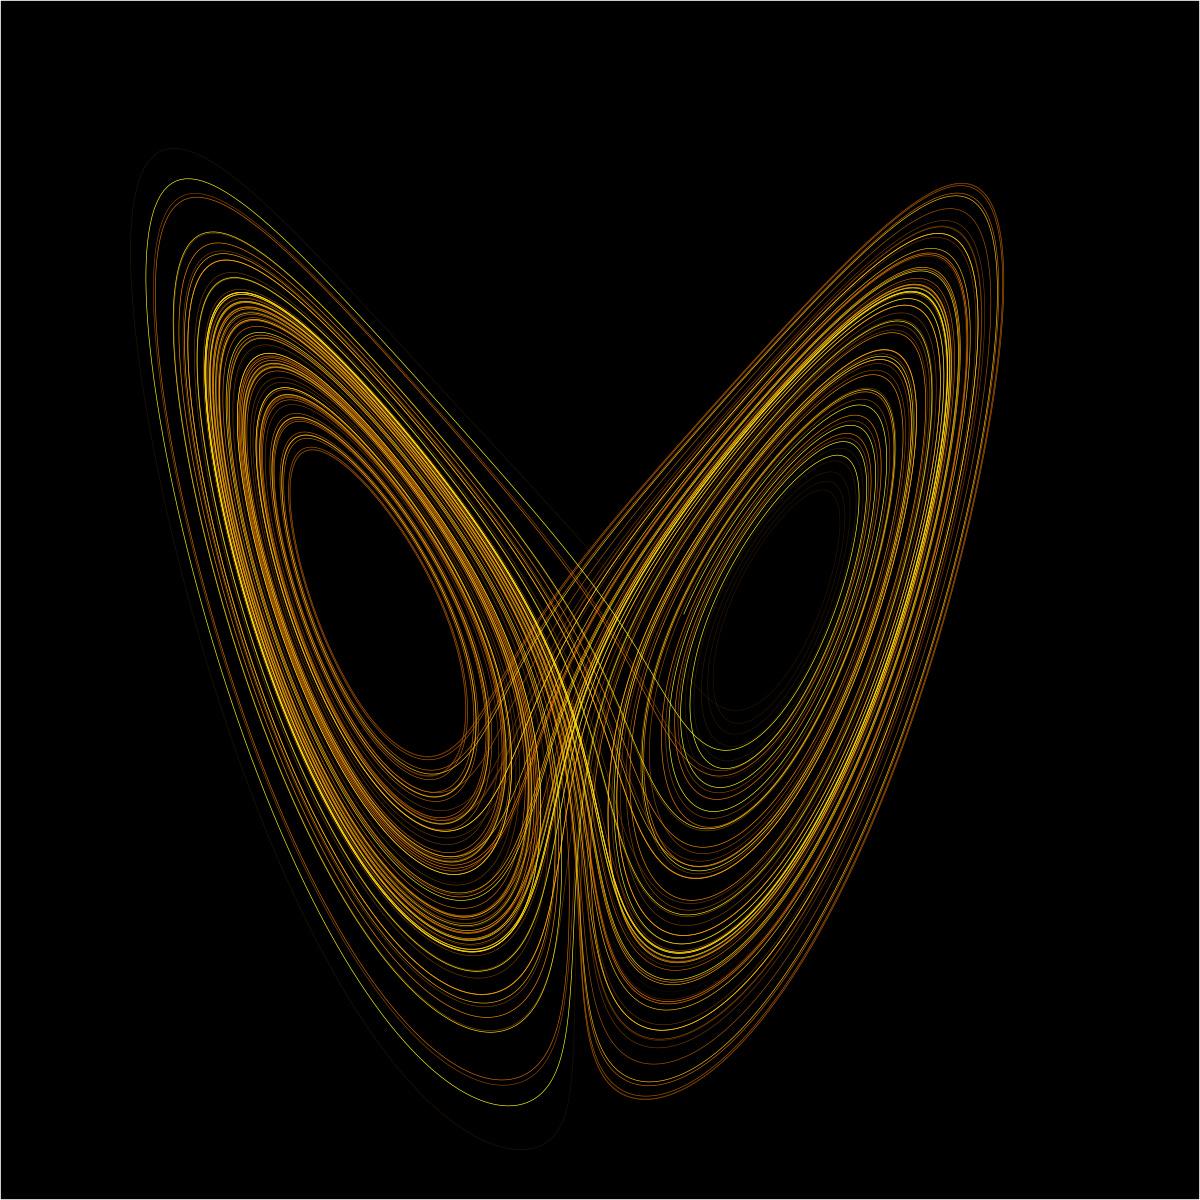 Butterfly effect - Wikipedia